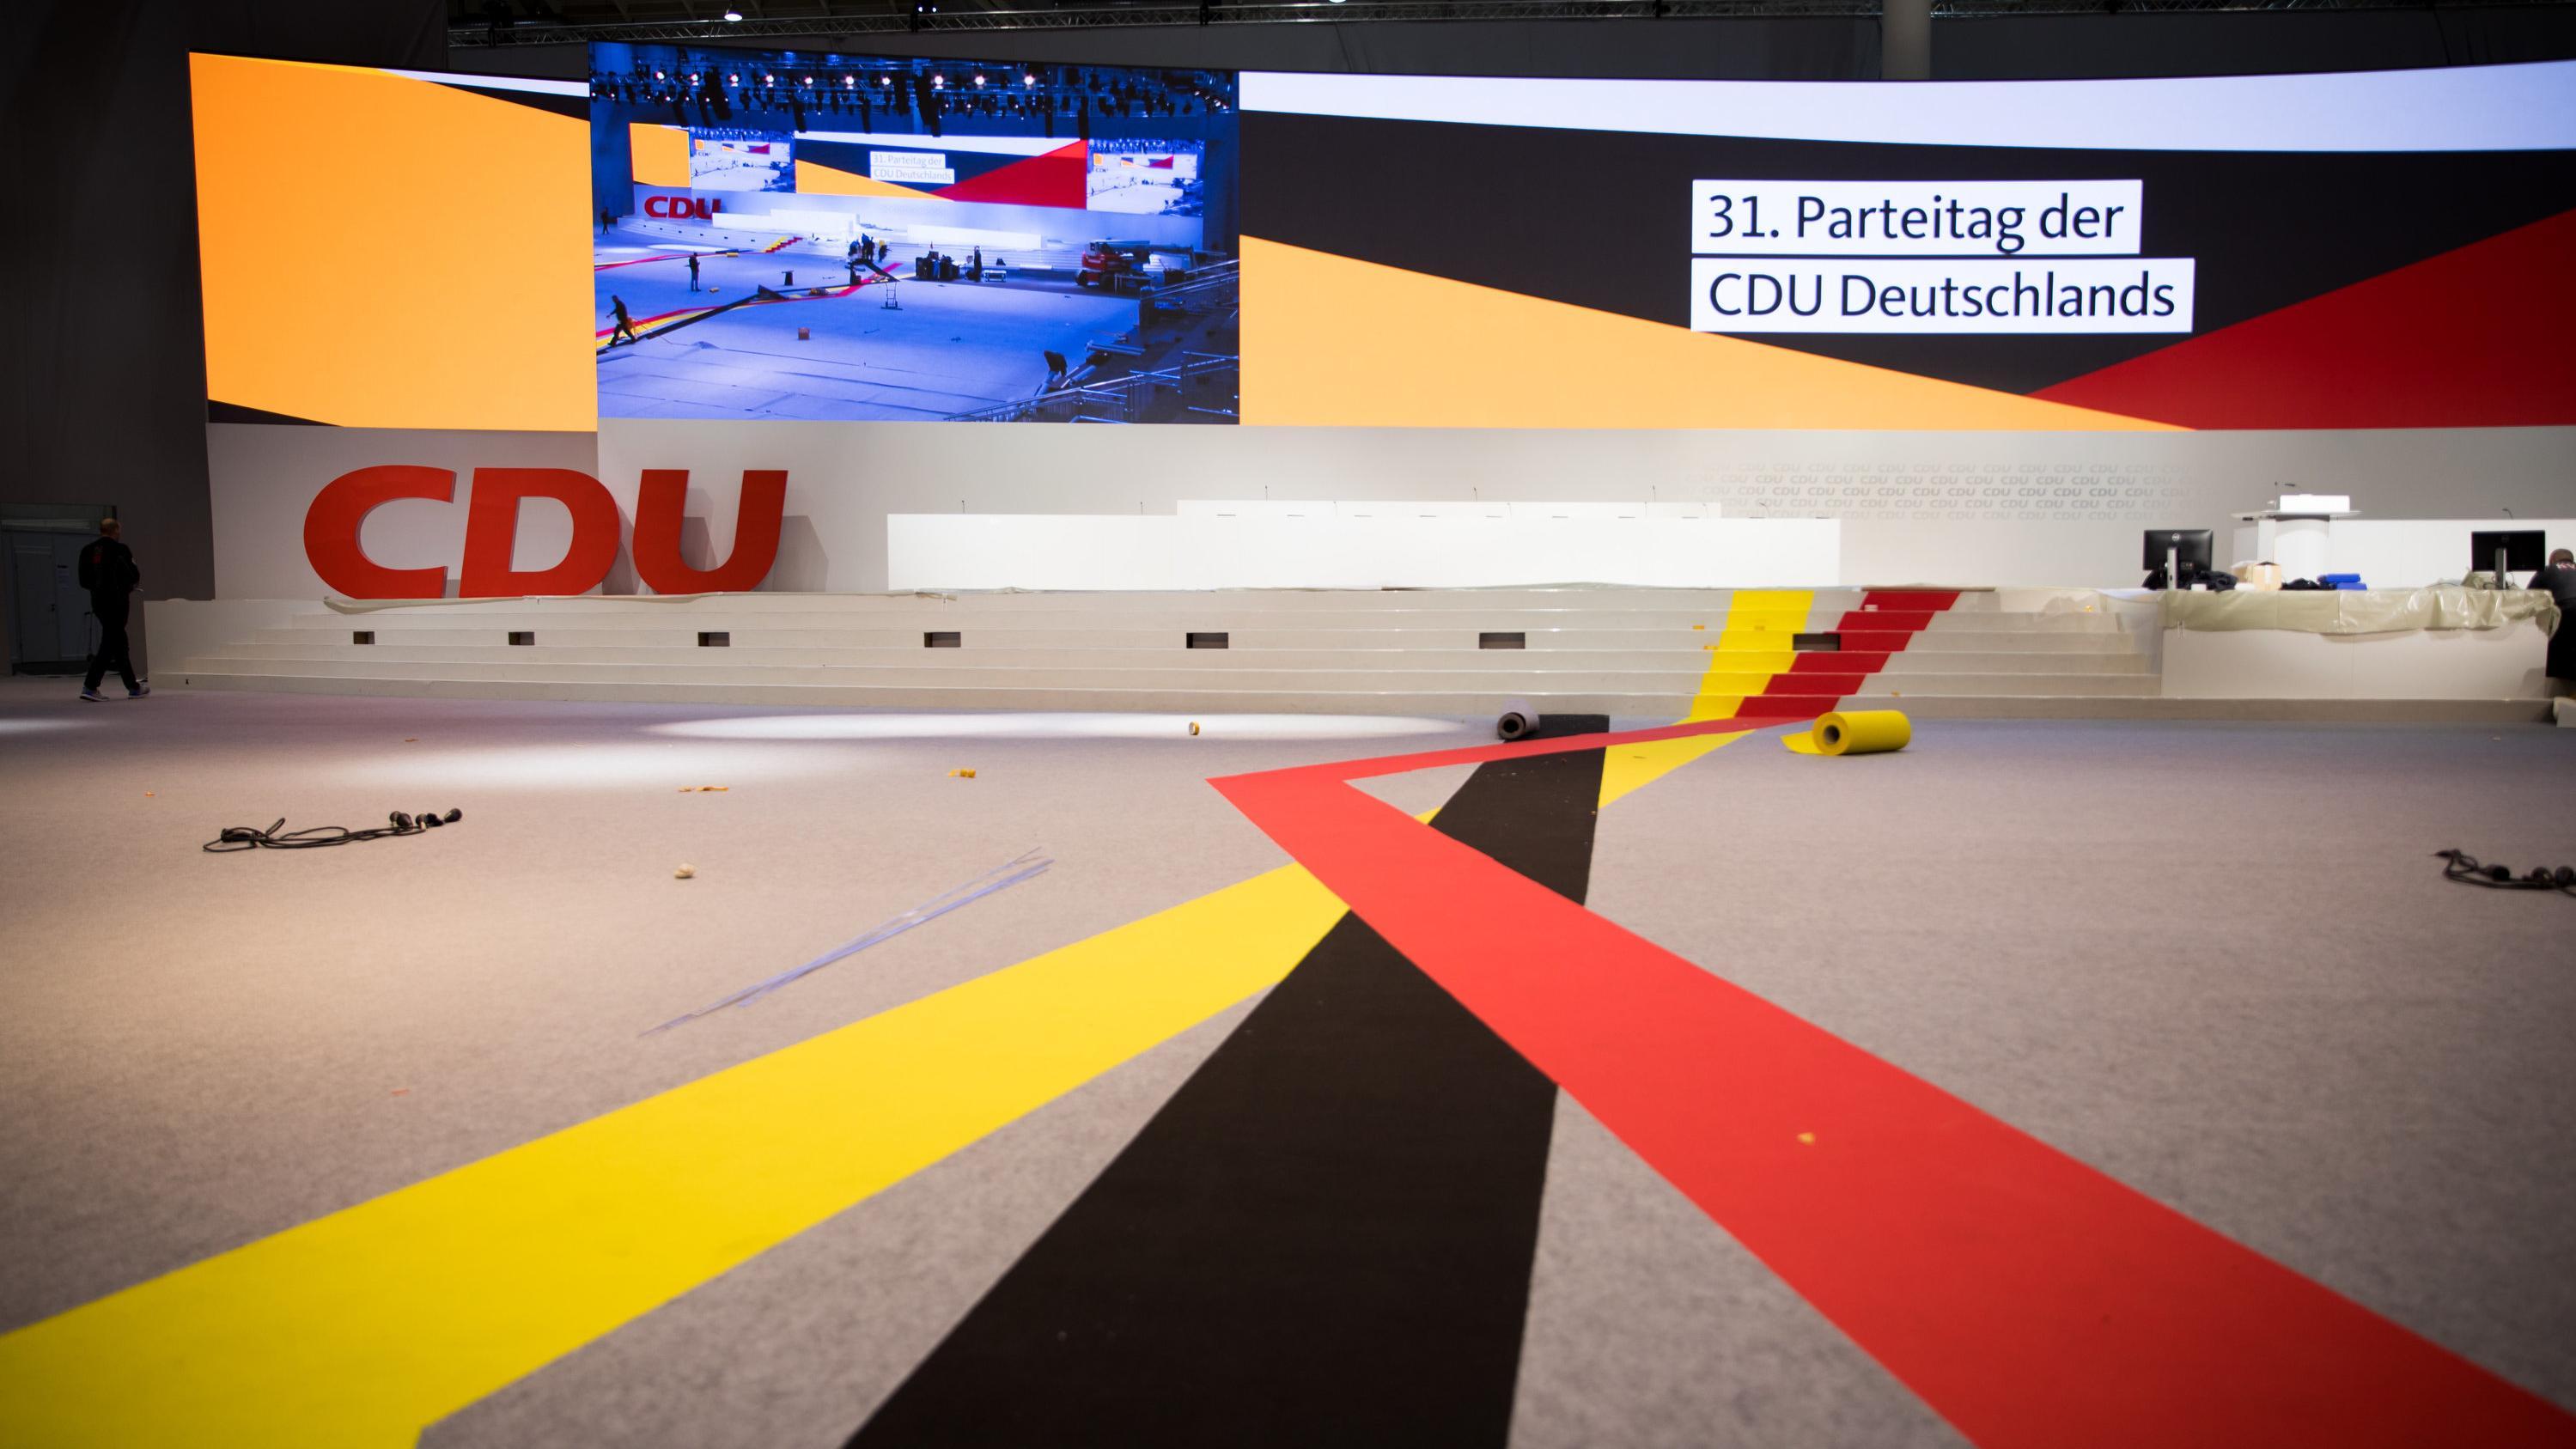 Letzte Vorbereitungen für den CDU-Parteitag